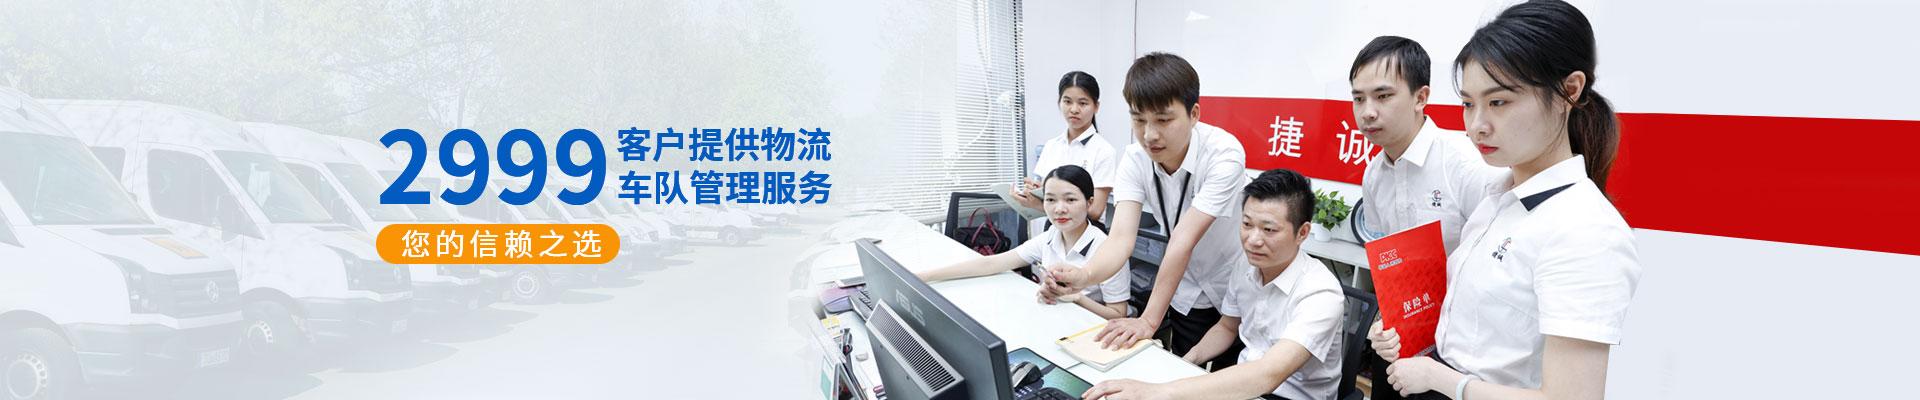 捷诚-2999客户提供物流车队管理服务